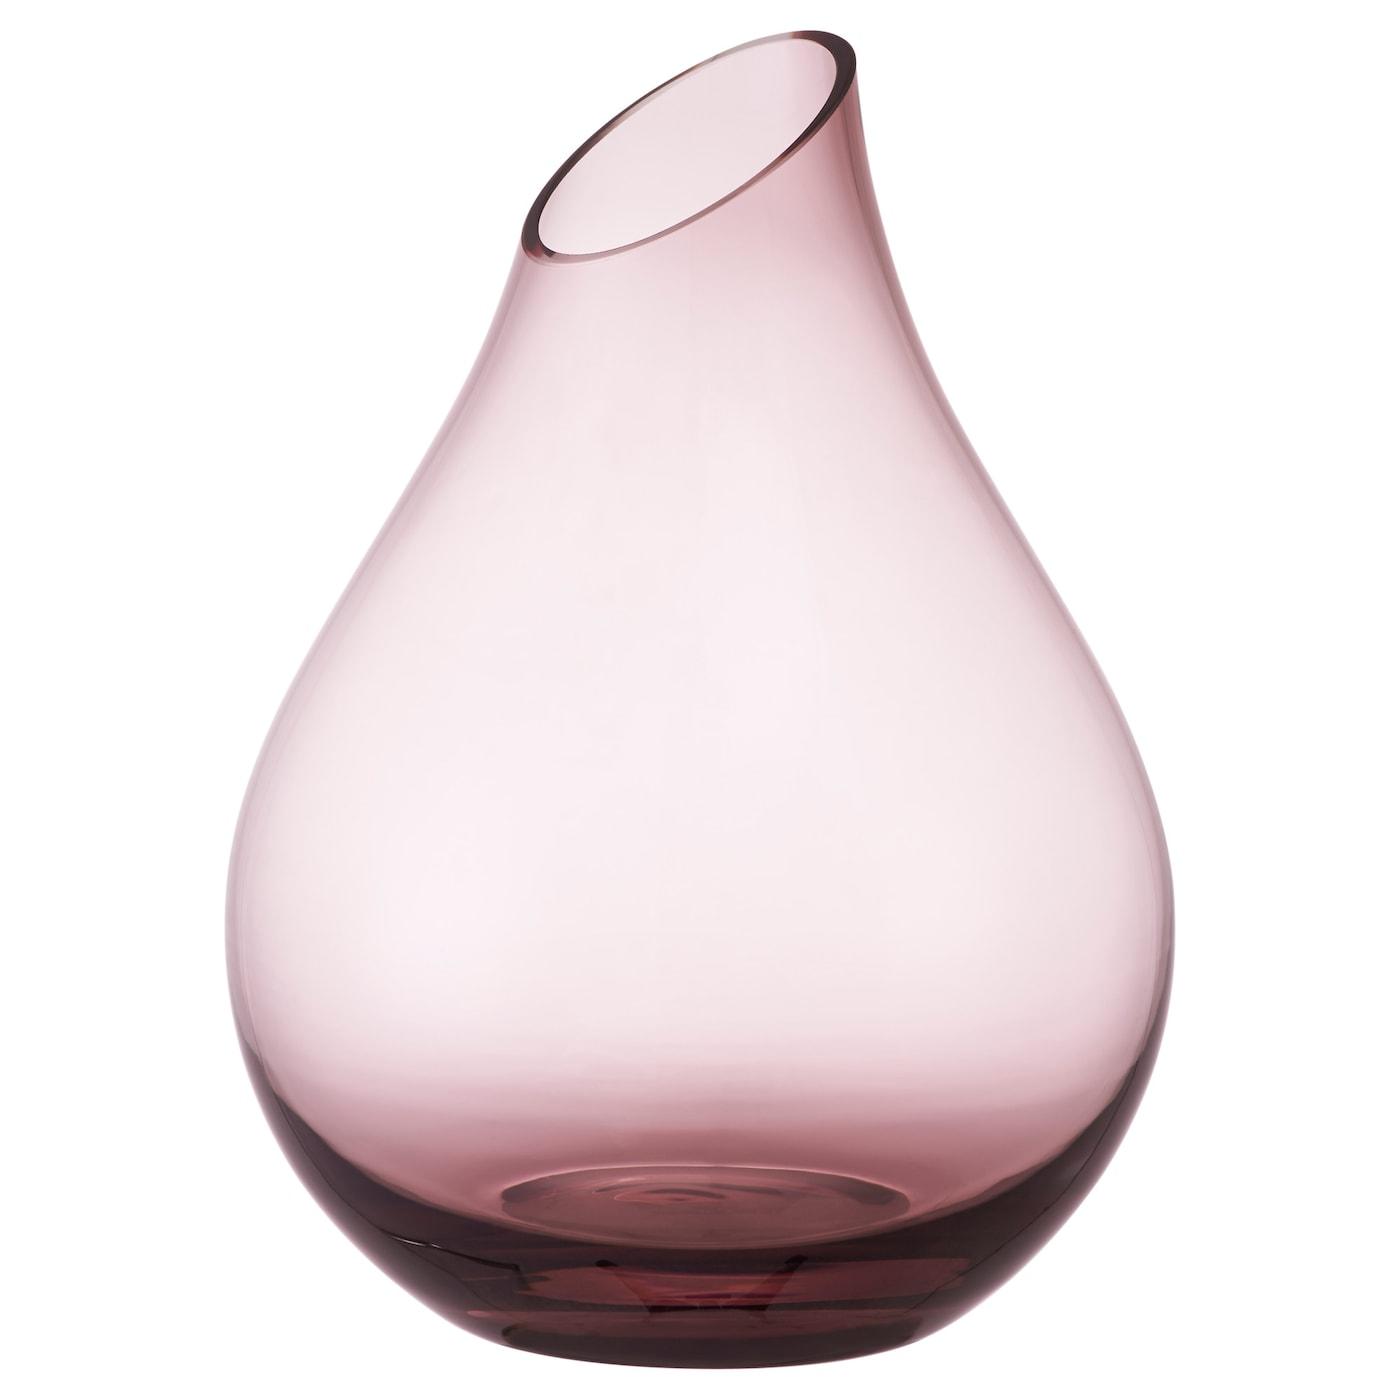 Sannolik vase pink 17 cm ikea for Decoration vase en verre